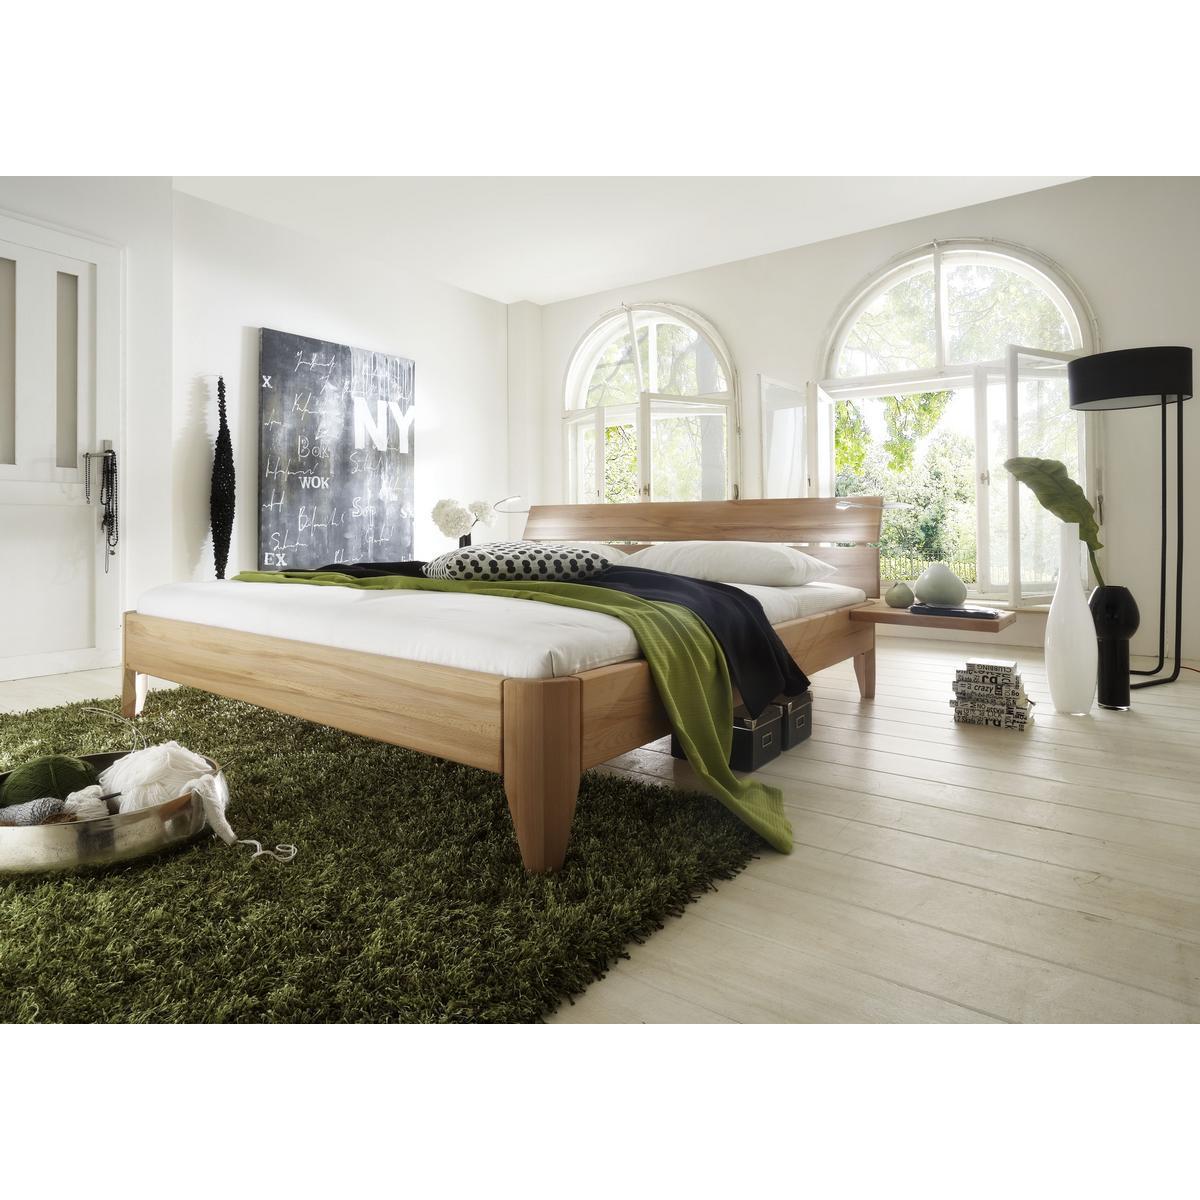 Massivholz Bett Buche 120x200 Bett In Z B 120x200 Cm Grosse Aus